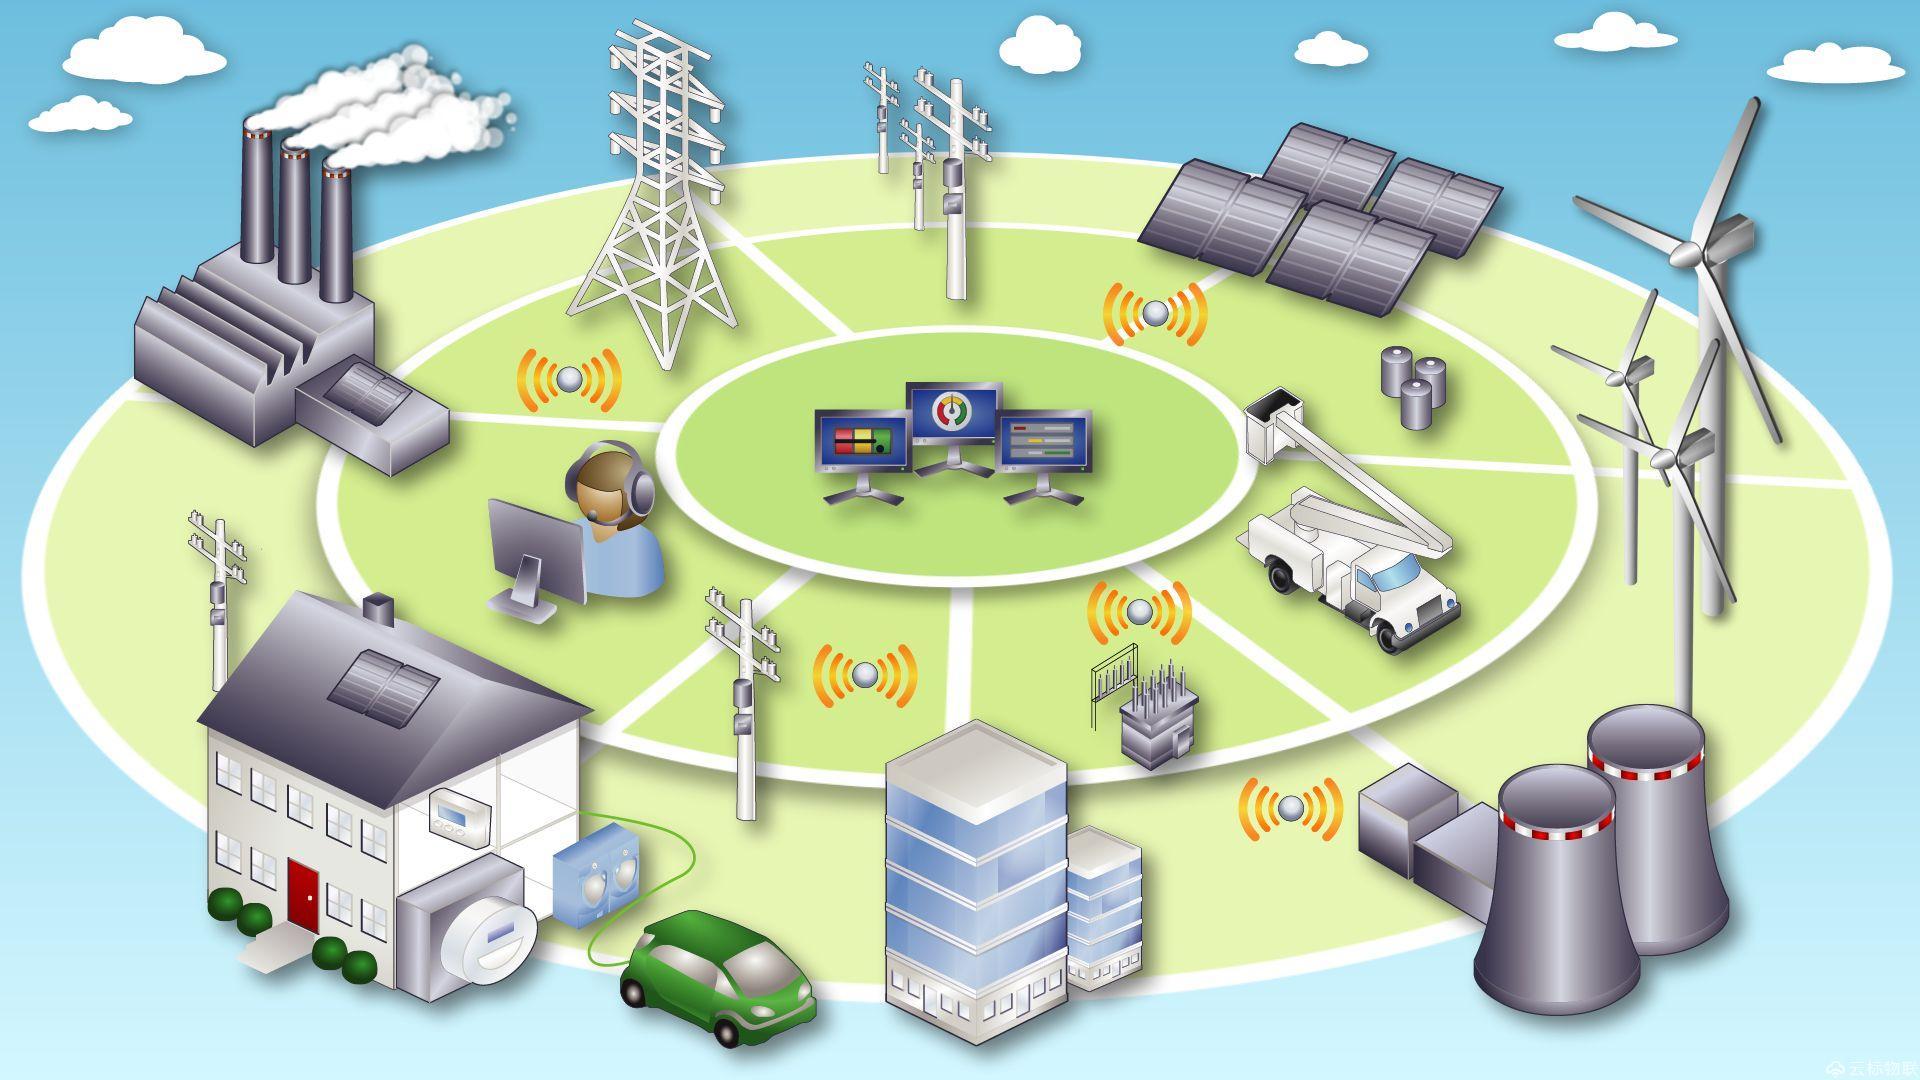 资讯_解决智能电网设计的五大难题   企业资讯   世界轨道交通资讯网-艾莱